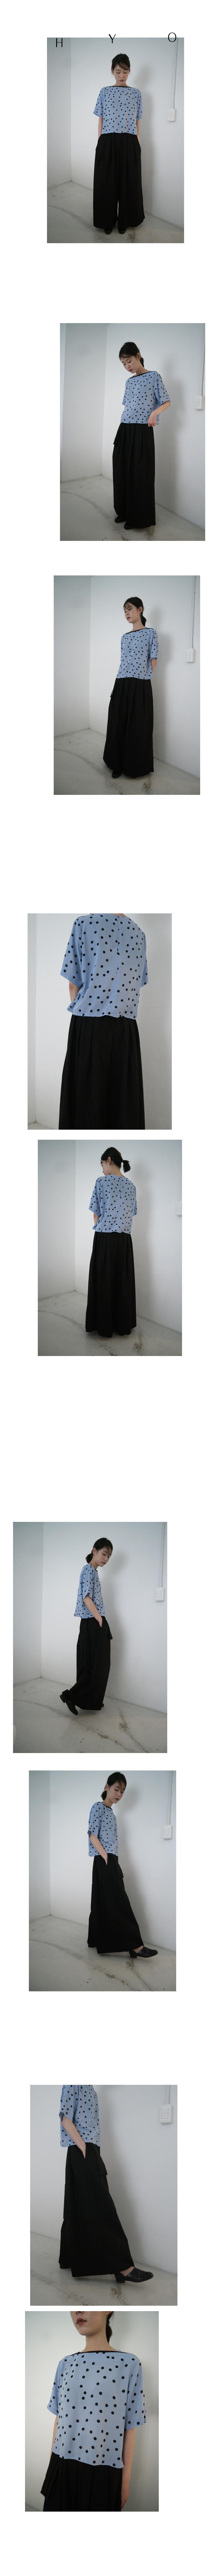 dot pattern sheer blouse